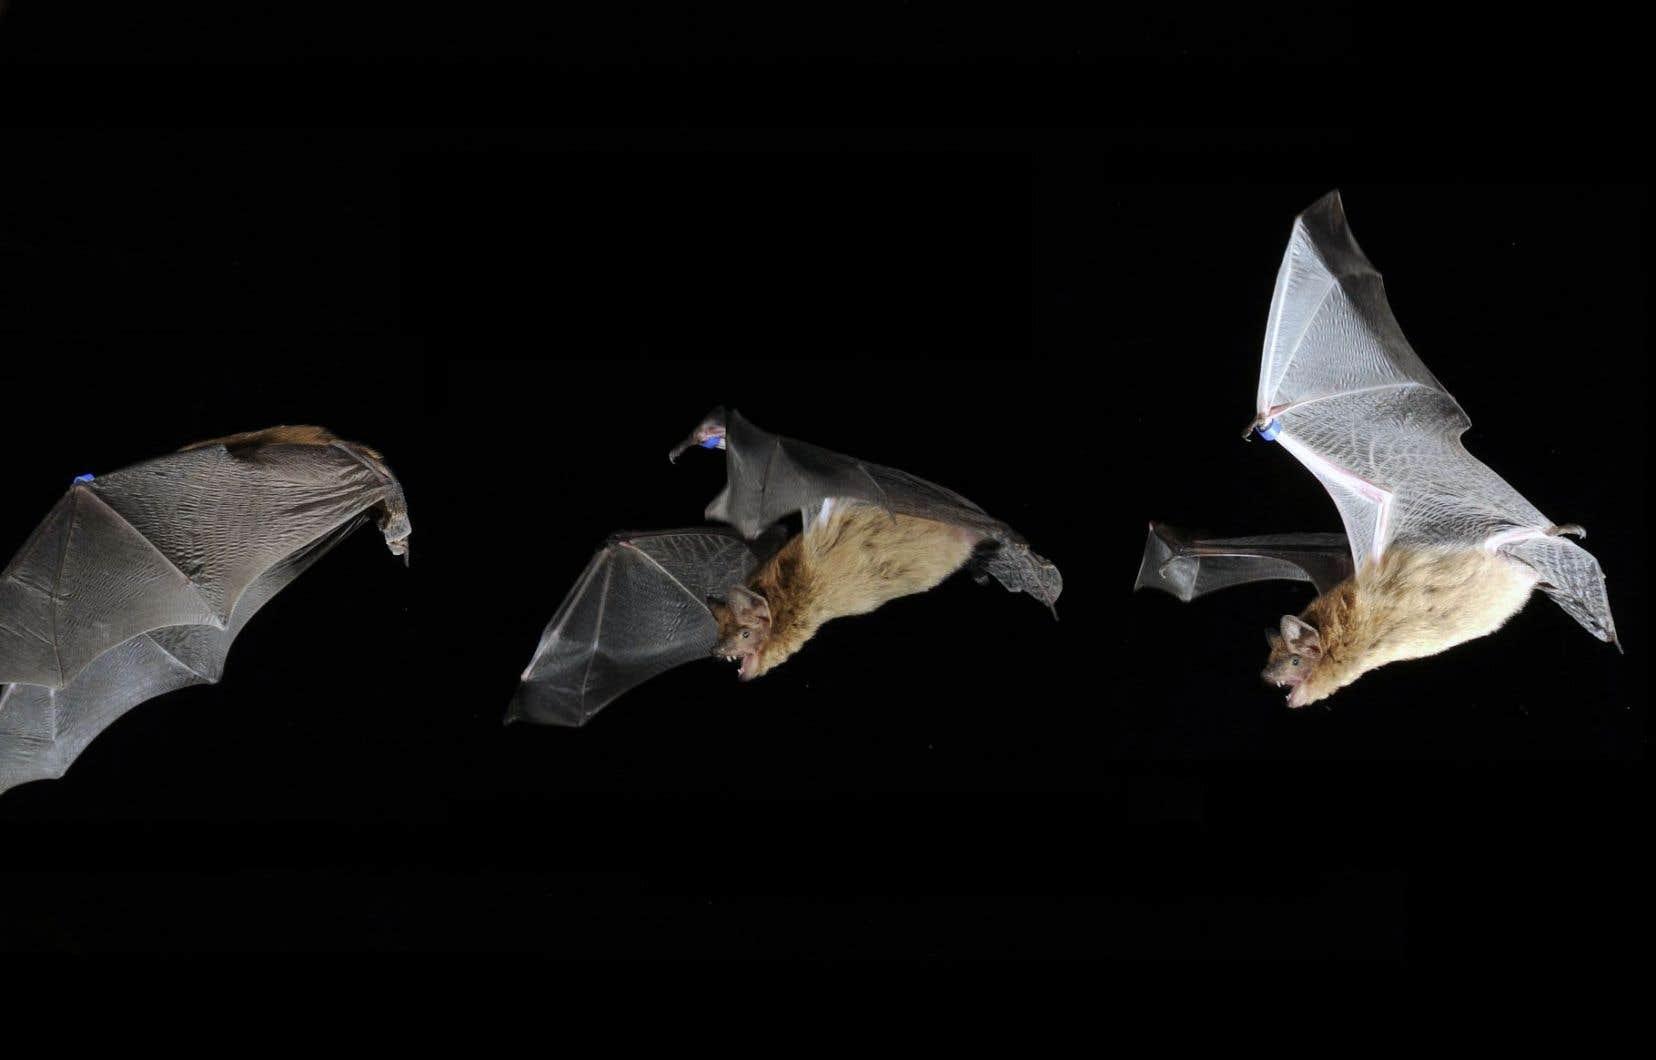 Au Québec, ce sont la petite chauve-souris brune, la chauve-souris nordique et la pipistrelle de l'Est, trois espèces cavernicoles, qui sont les plus affectées par cette infection fongique.